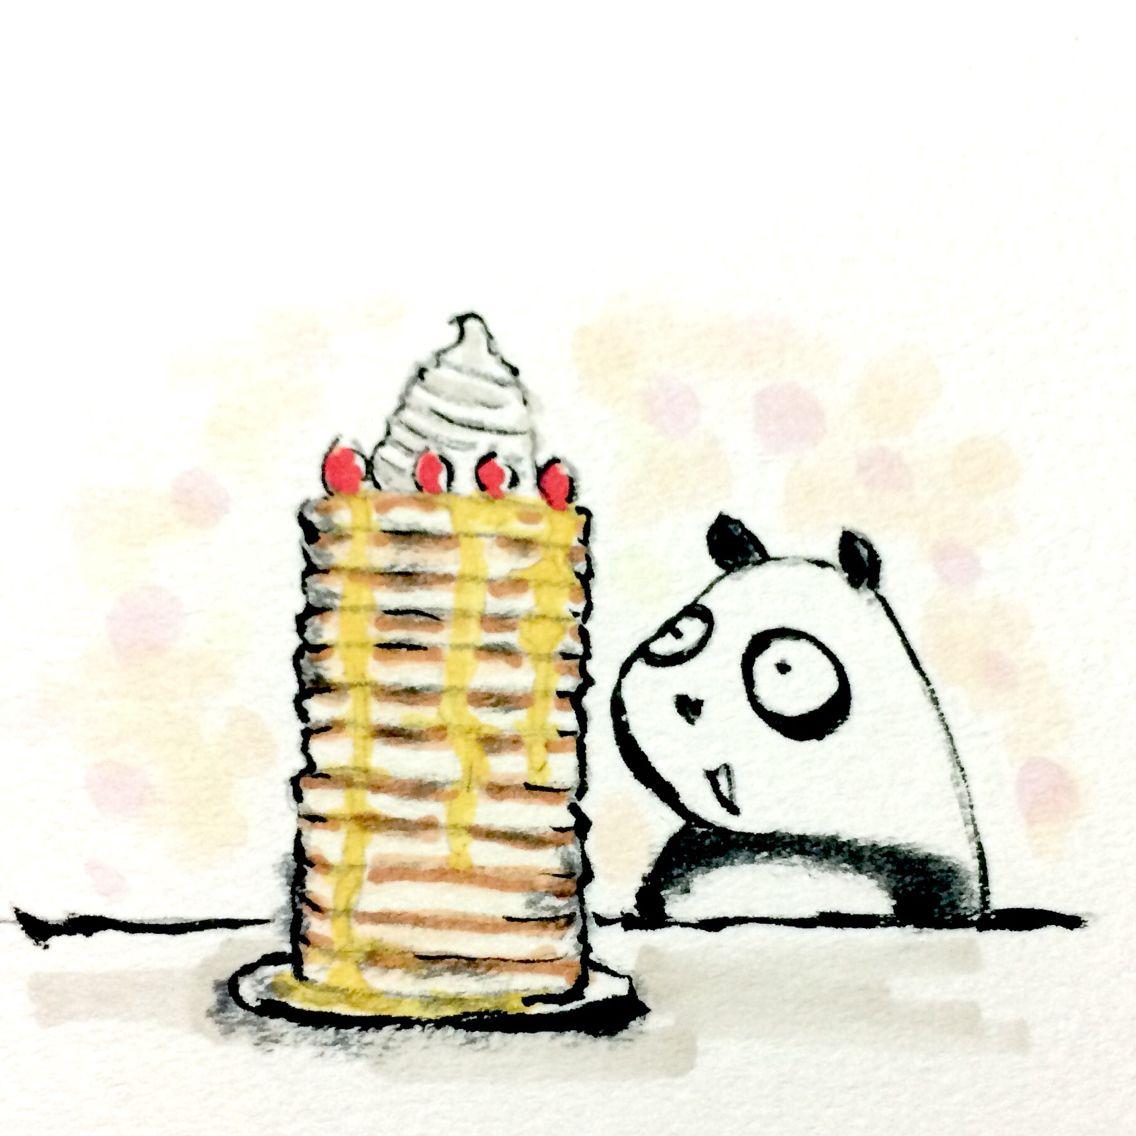 一日一大熊猫 205 4 25 ホットケーキとパンケーキの違いを調べたところ 特に明確な区別はないみたいだね ホットケーキ パンケーキ パンダ http osaru panda jimdo com